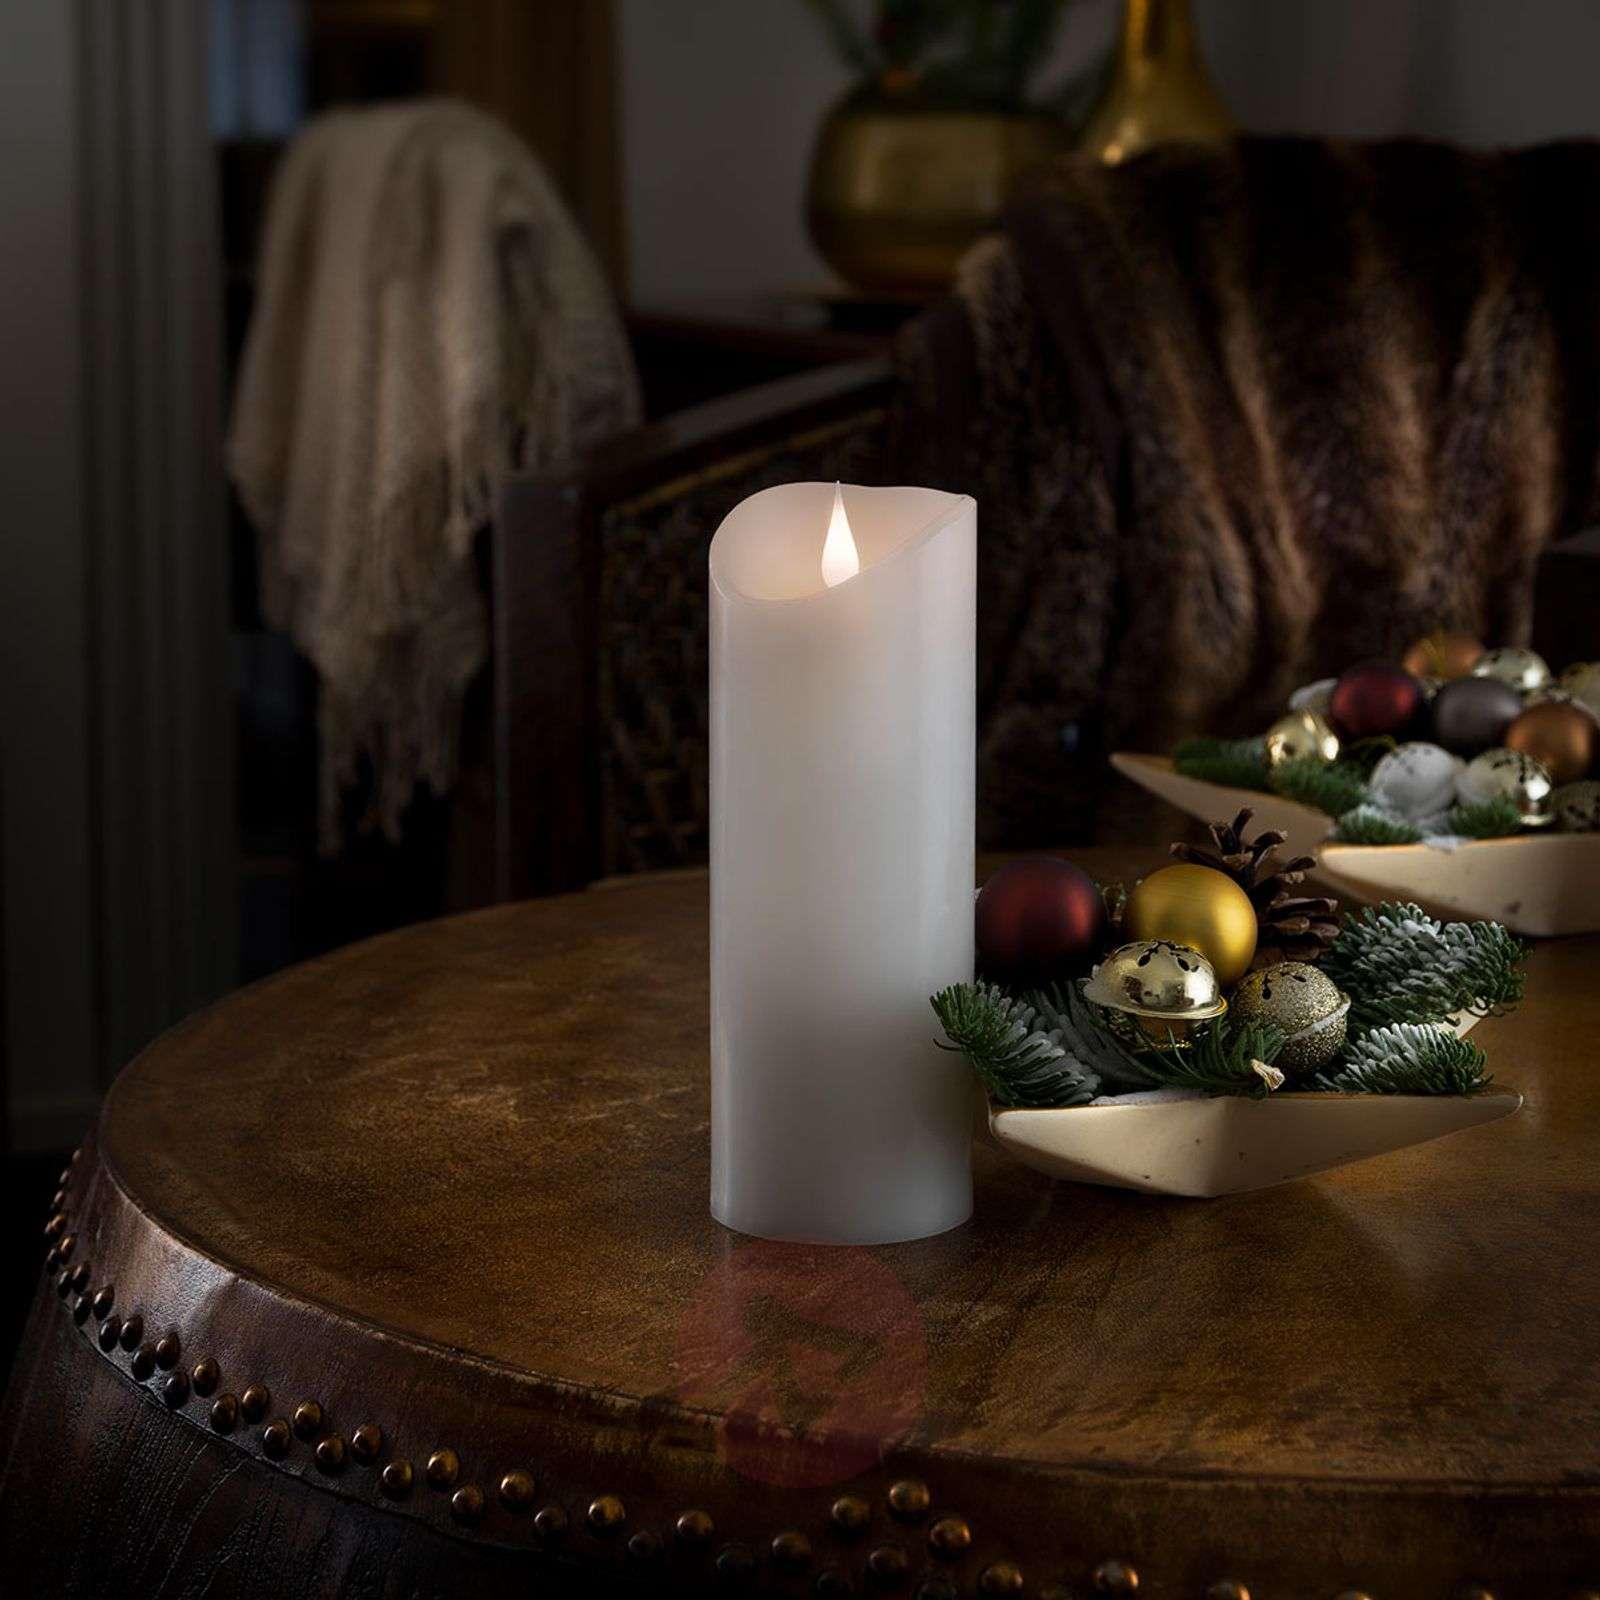 3D-liekillä varustettu LED-kynttilä Aito vaha-5524779-01